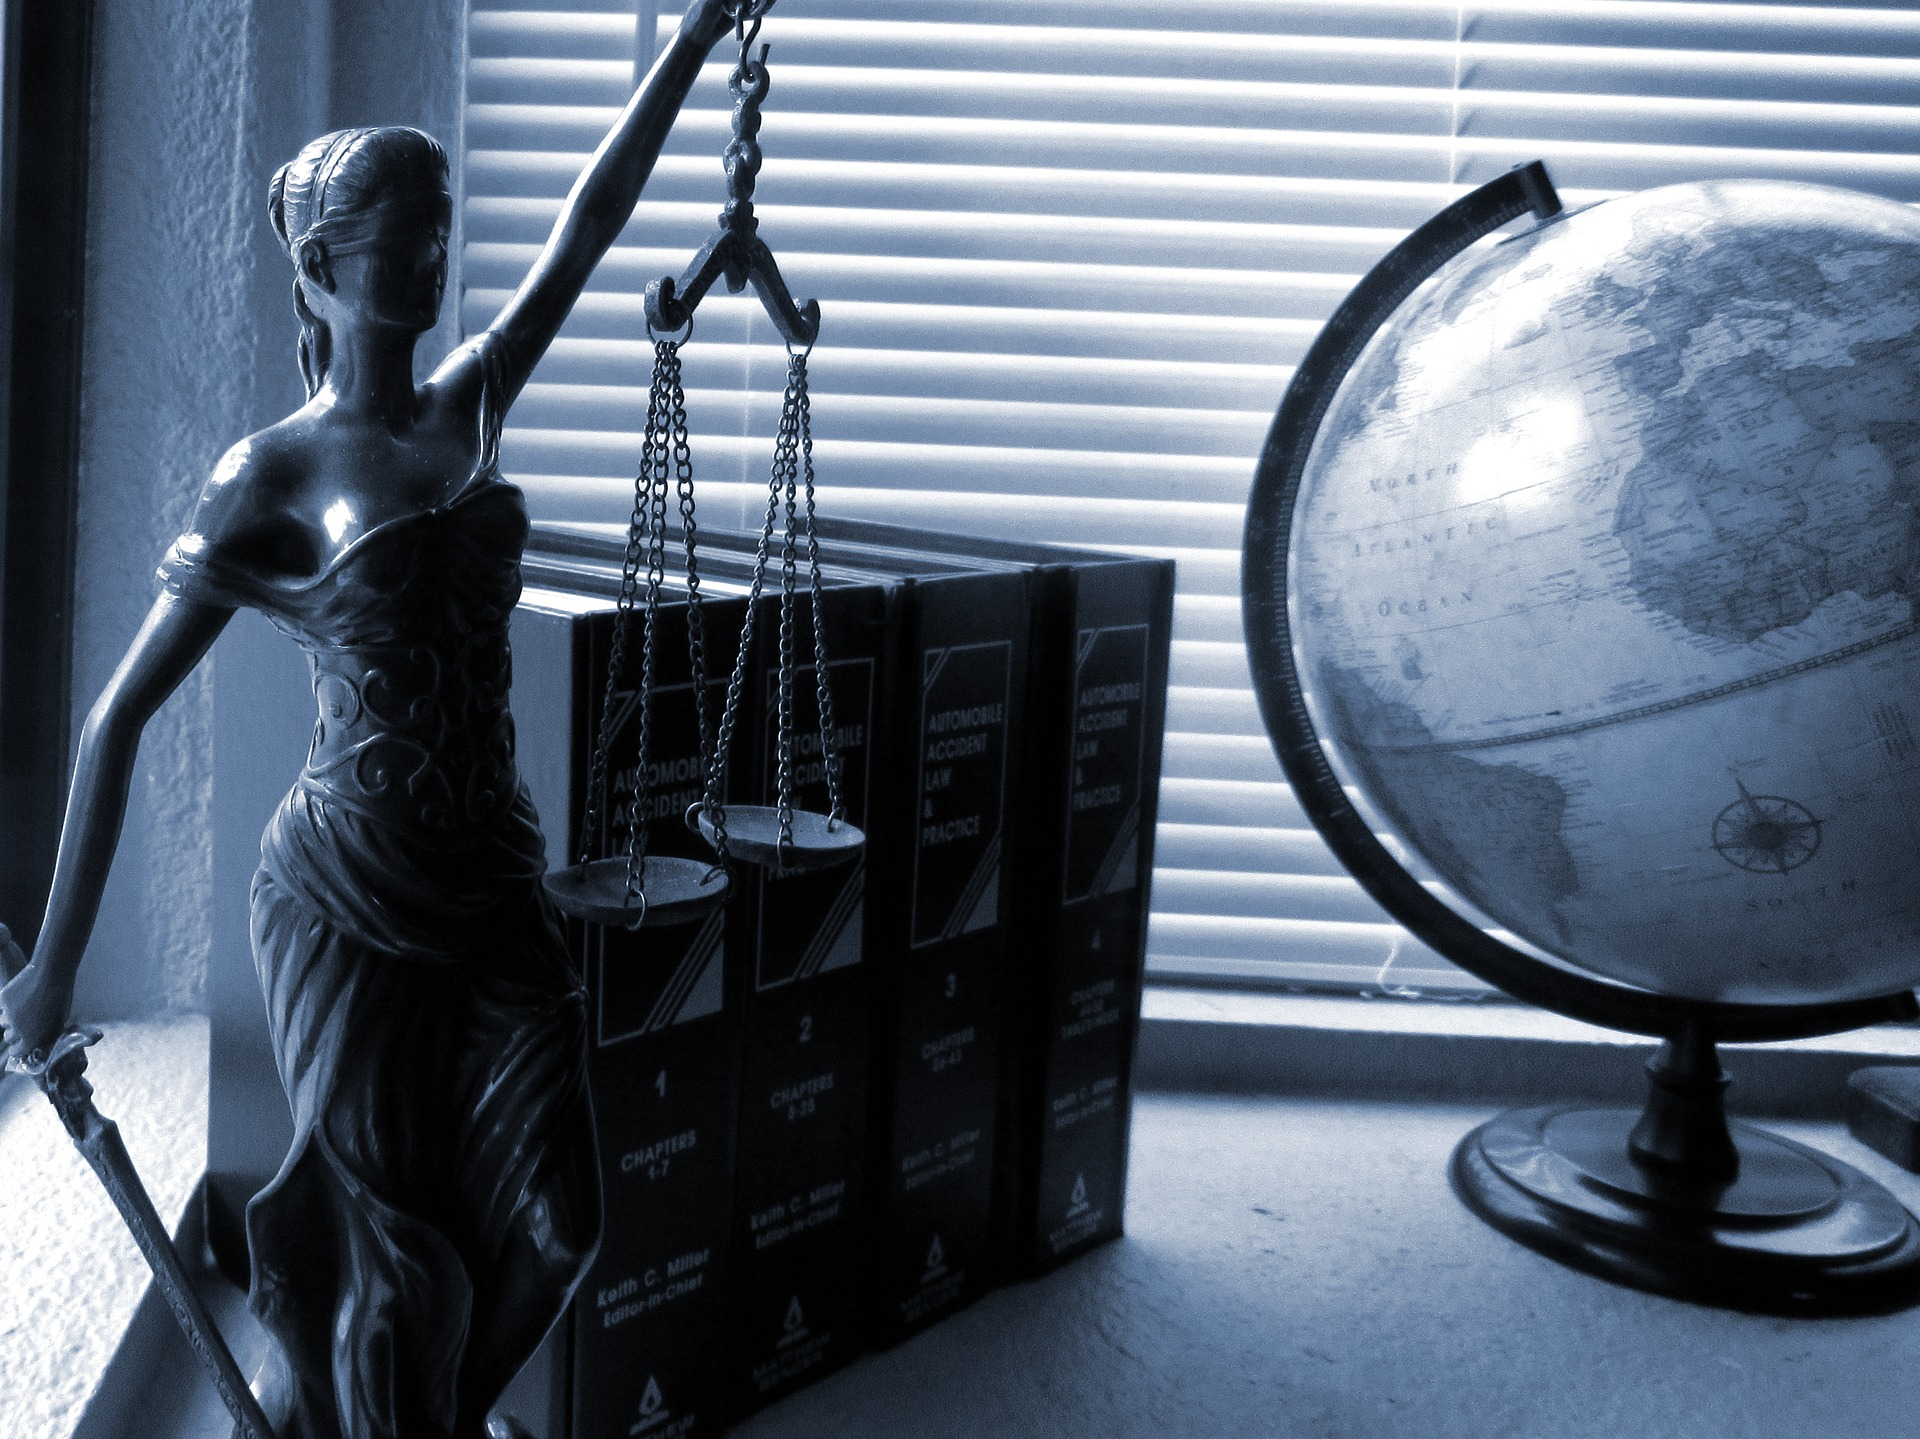 律師法修法,剛好而已!回應王專利師投書「律師法修過頭了!」